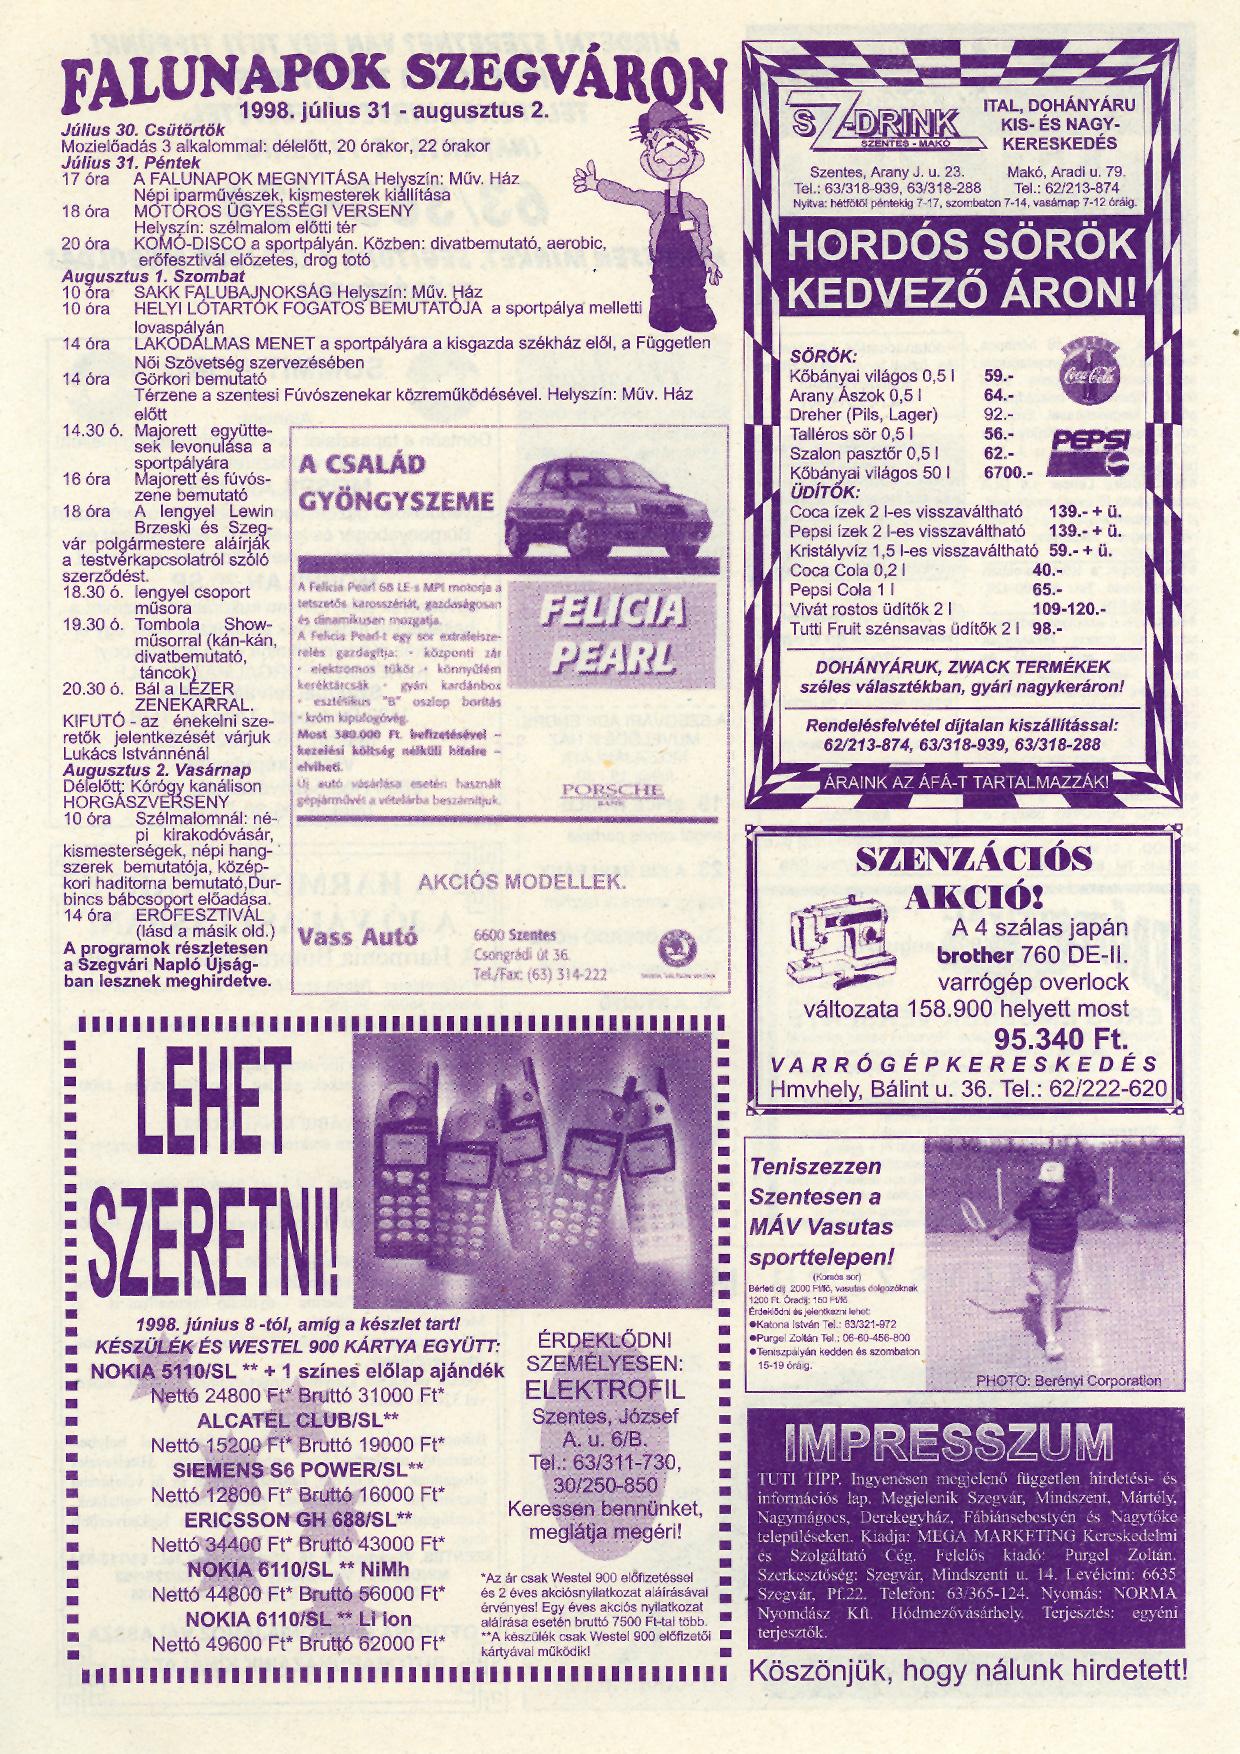 028 Tuti Tipp reklámújság - 19980718-090. lapszám - 2.oldal - IV. évfolyam.jpg